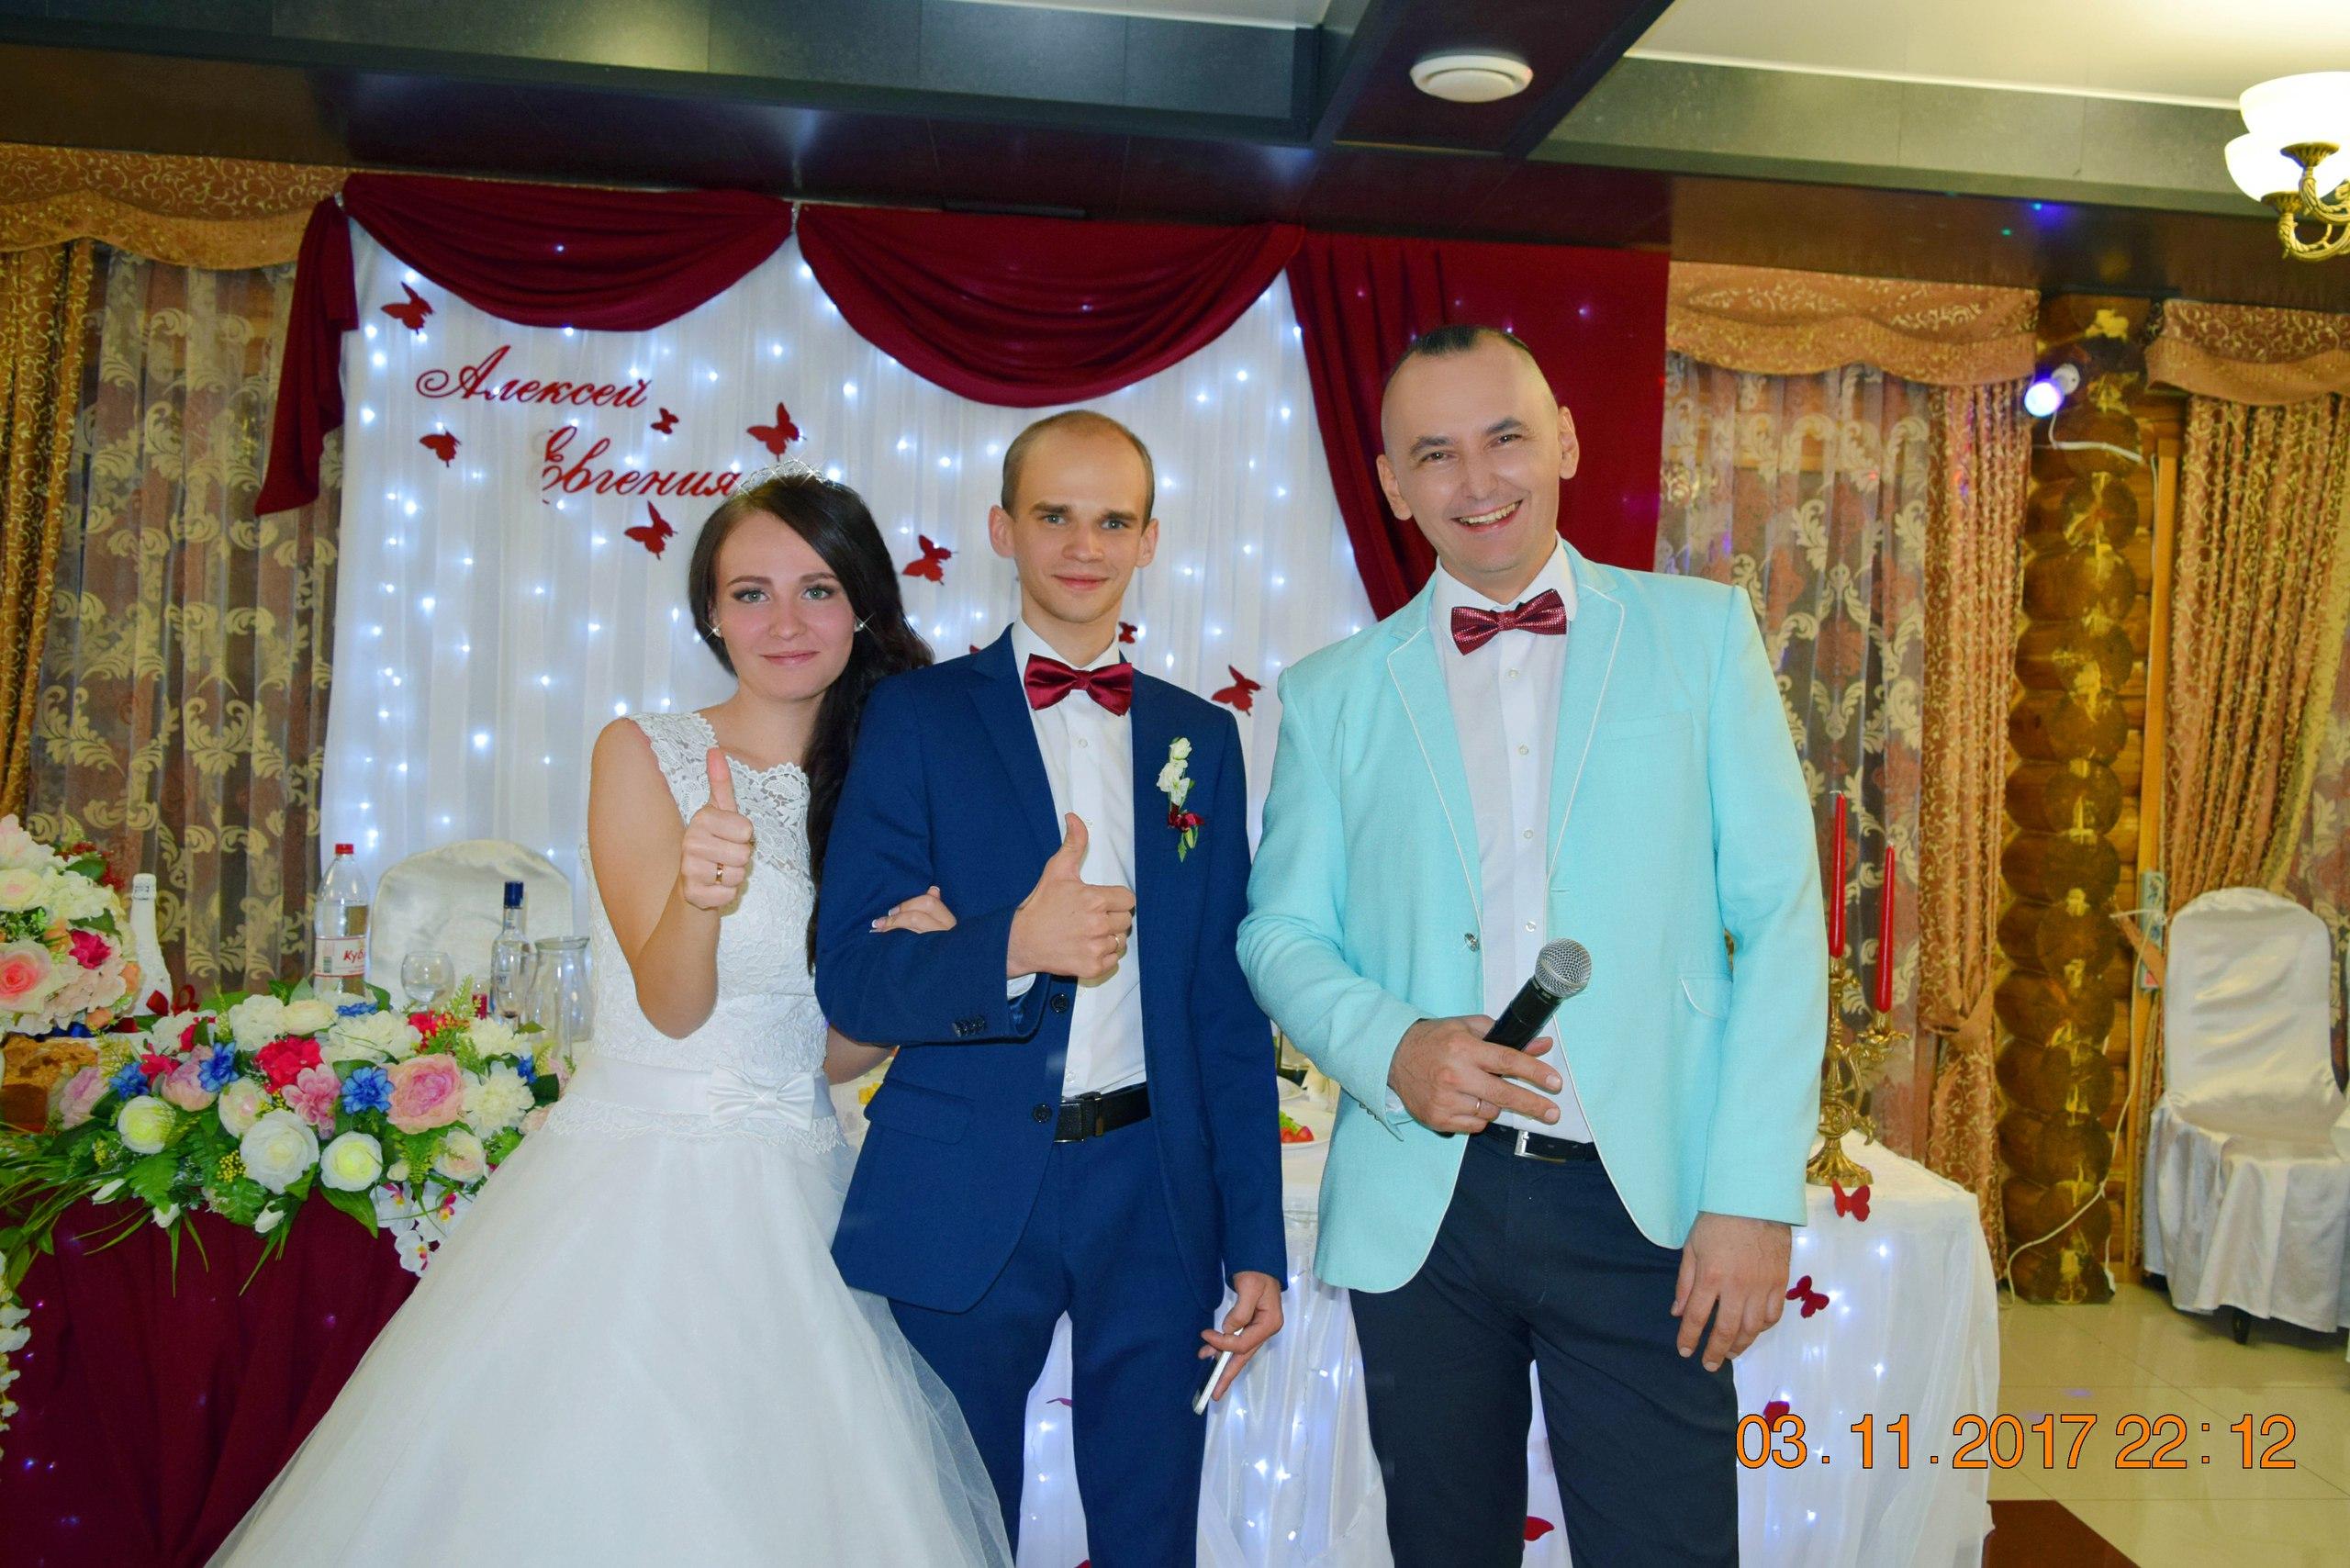 ykV1AZ0VJfw - Свадьба Алексея и Евгении